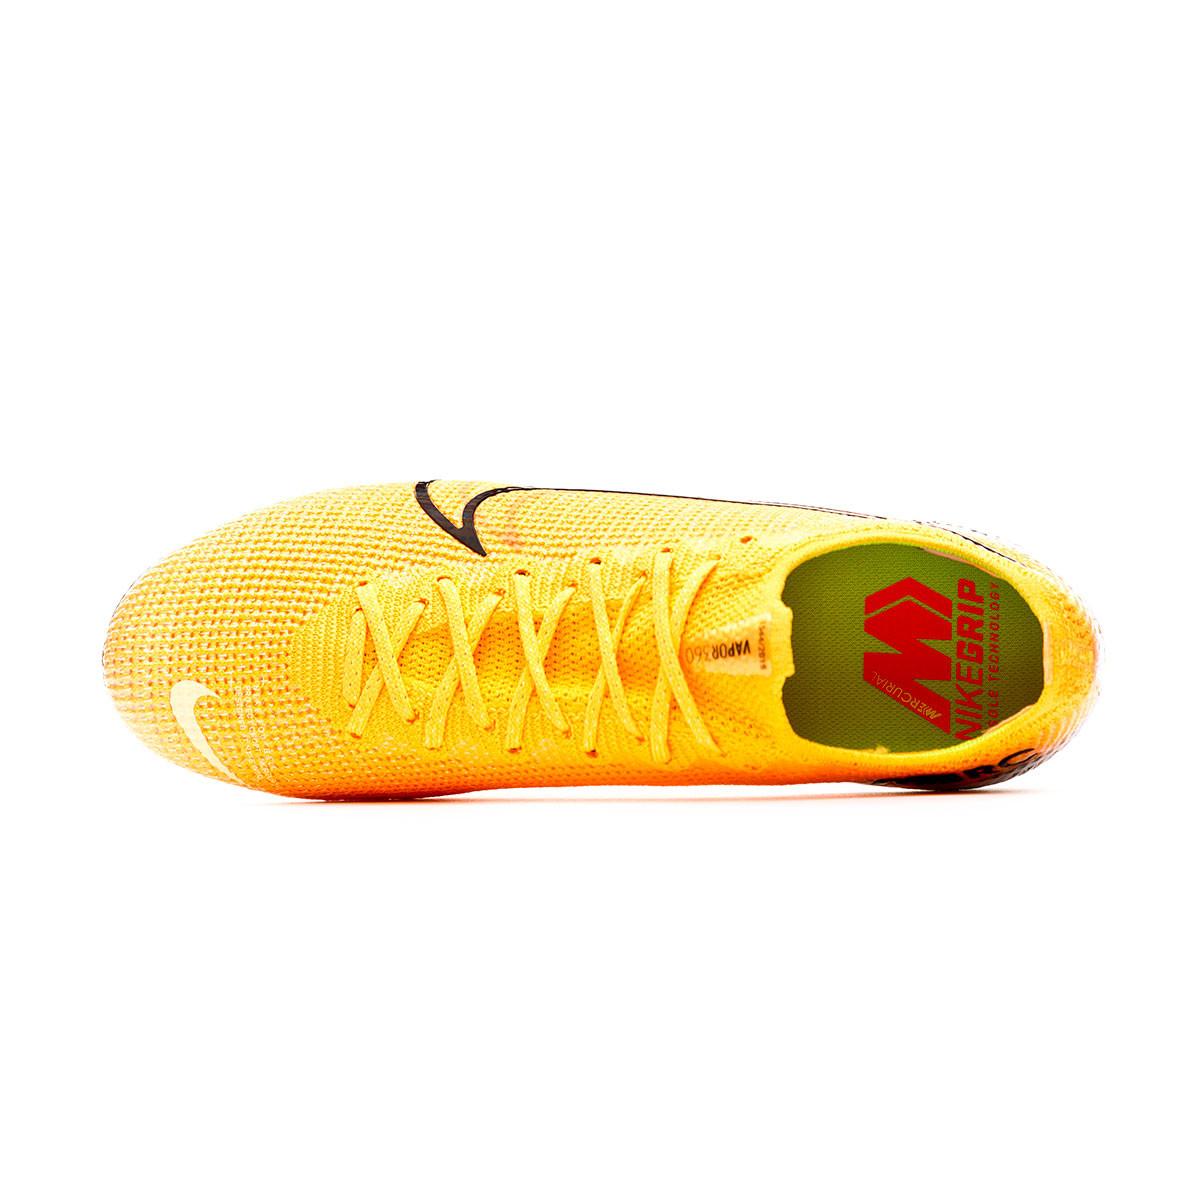 Usado, Chuteira Nike Mercurial Vapor 13 FG Limited